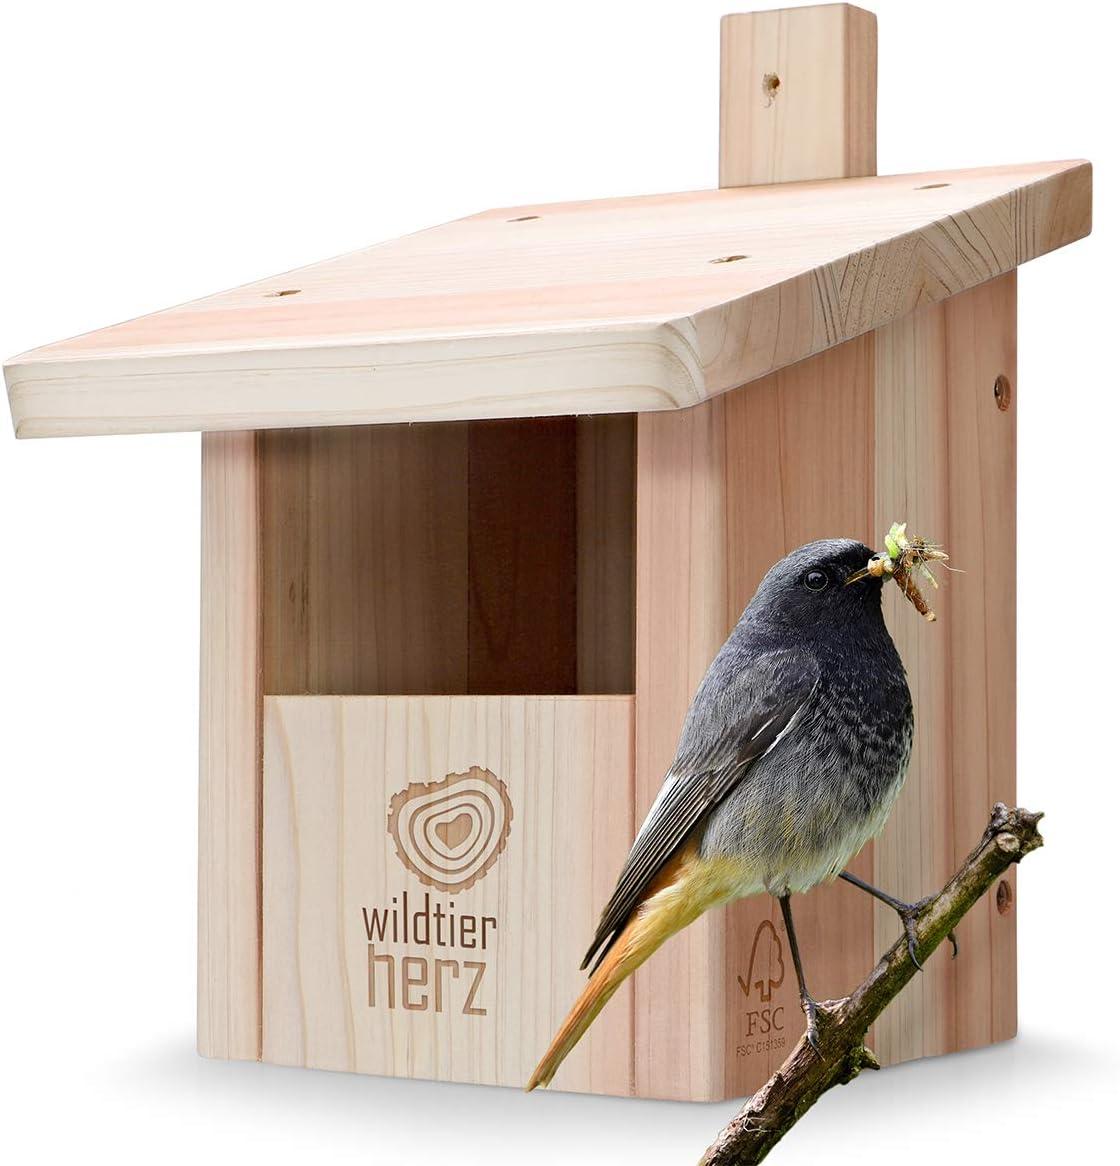 wildtier herz | Caja nido para colas rojas, petirrojos y compañía, atornillado y resistente a la intemperie, Casa de pájaros e incubadora para criadores de nicho